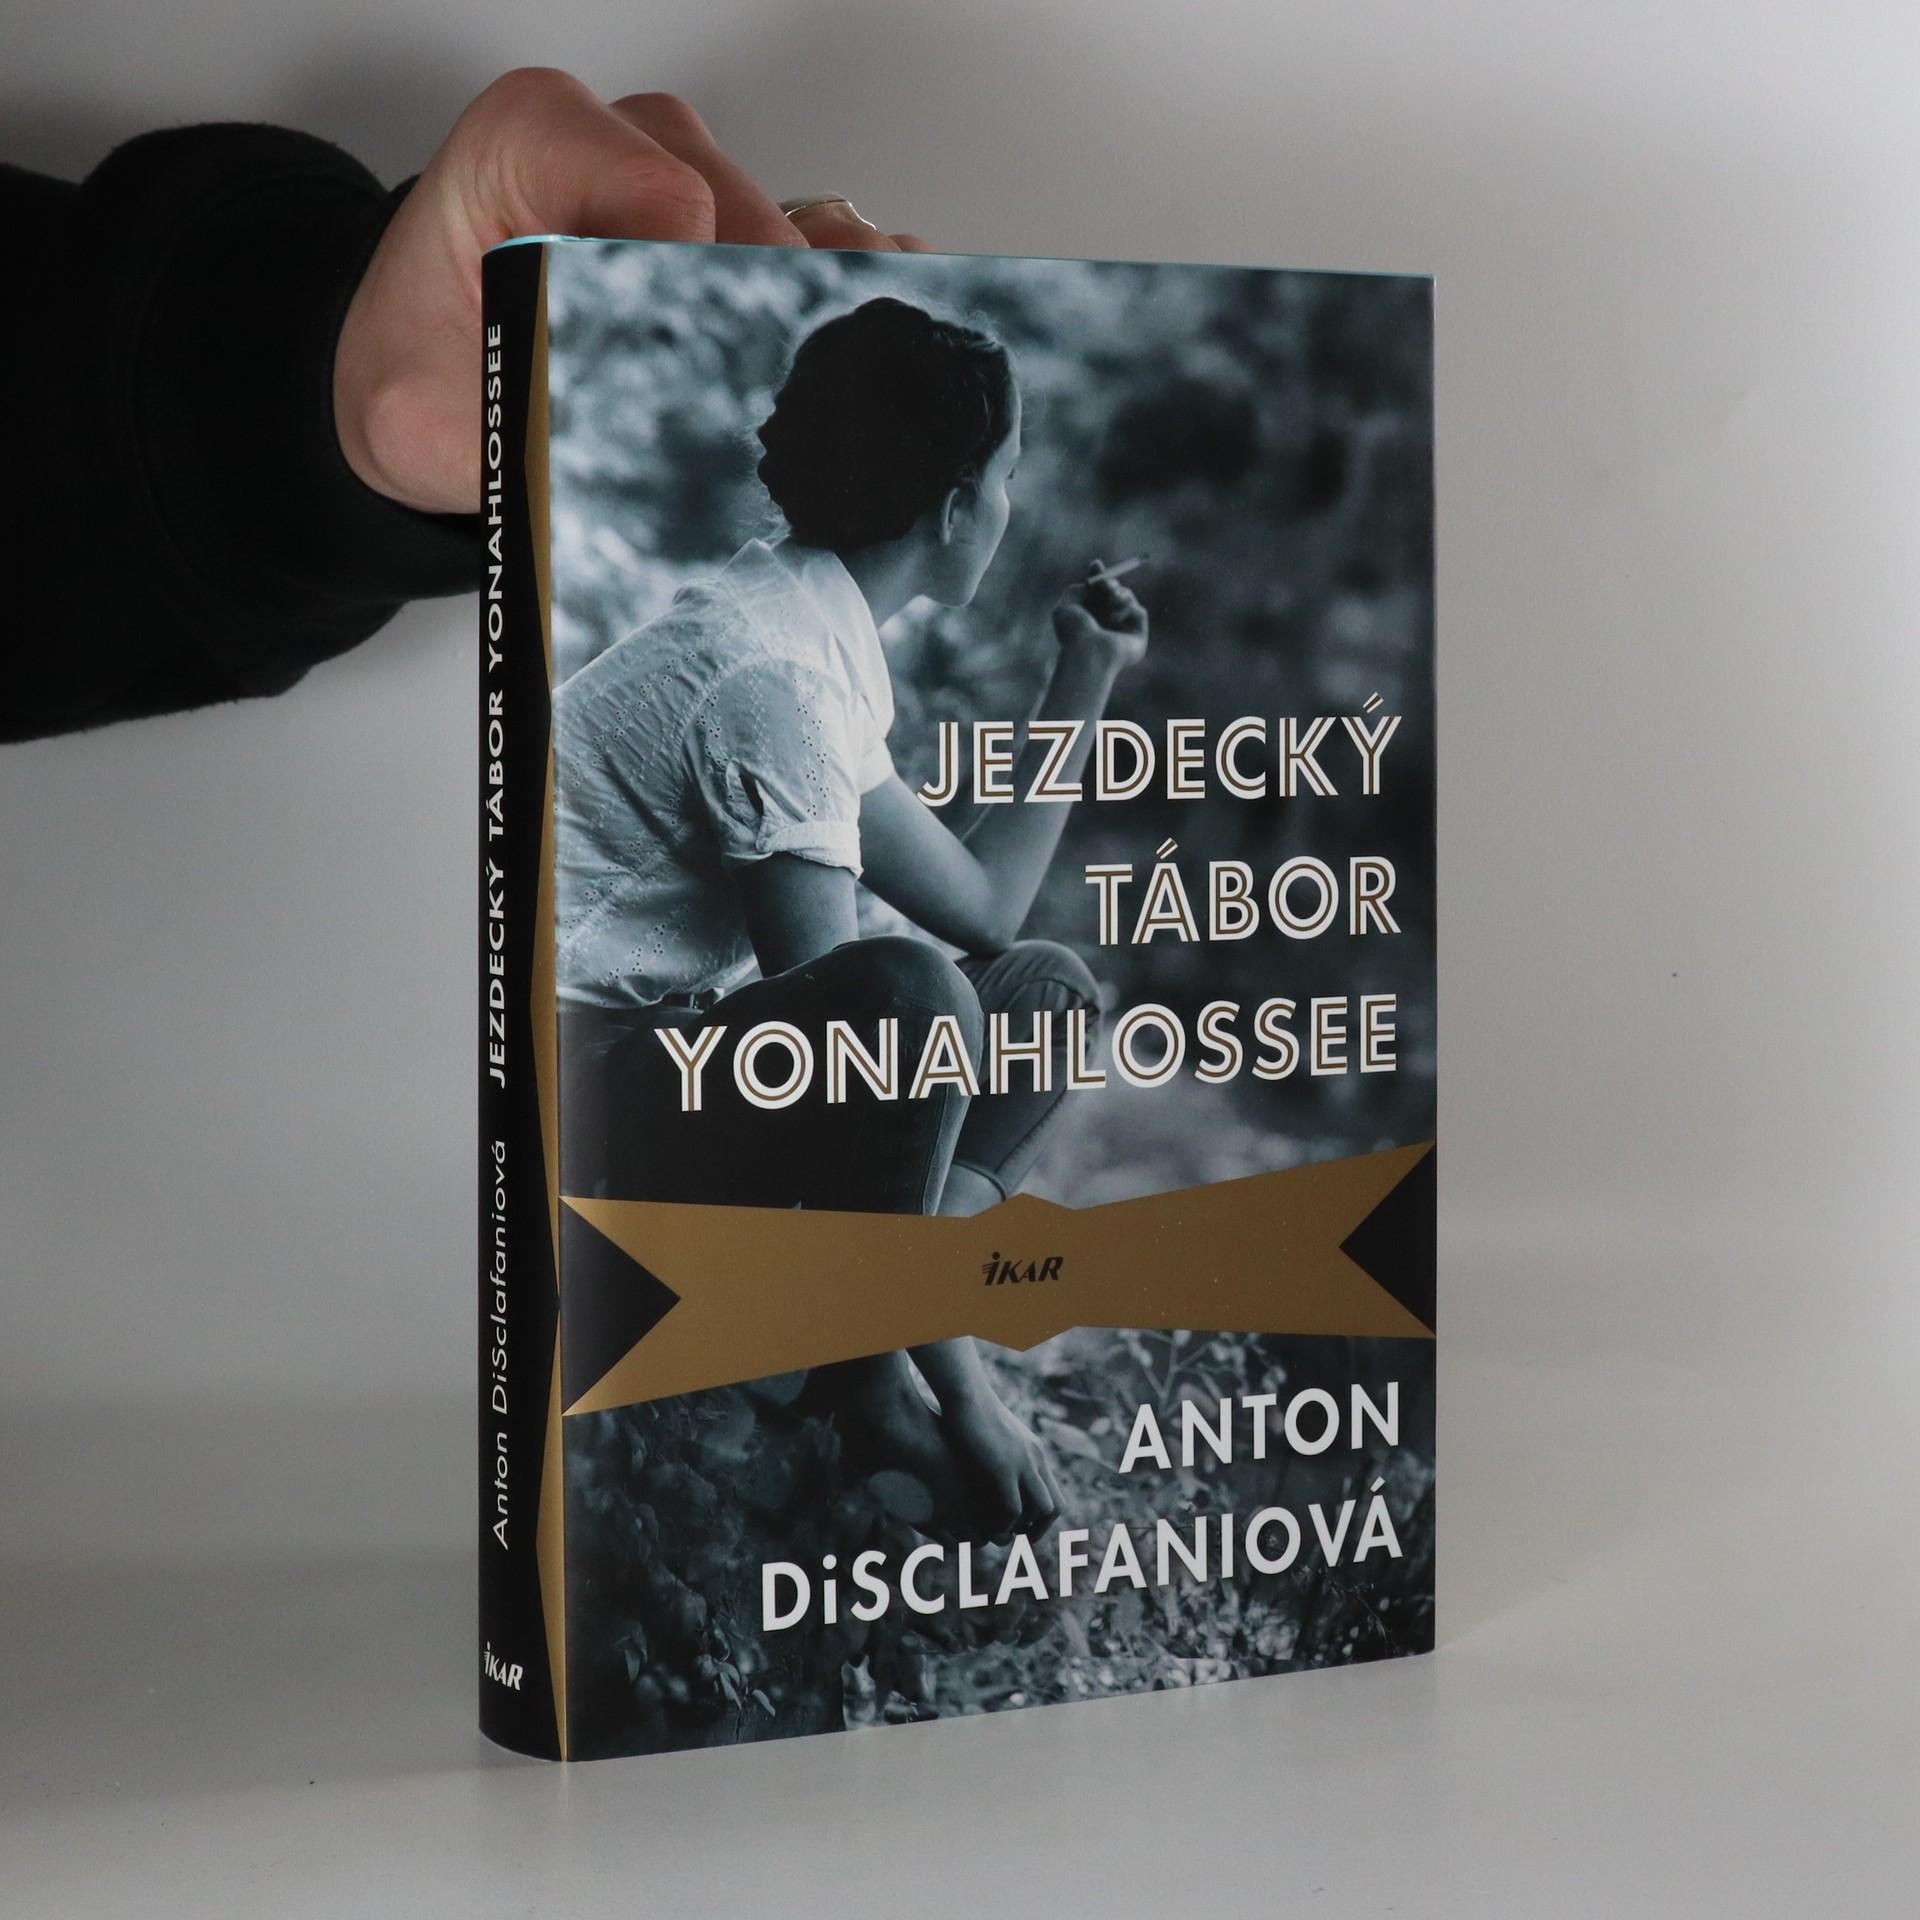 antikvární kniha Jezdecký tábor Yonahlossee, 2014